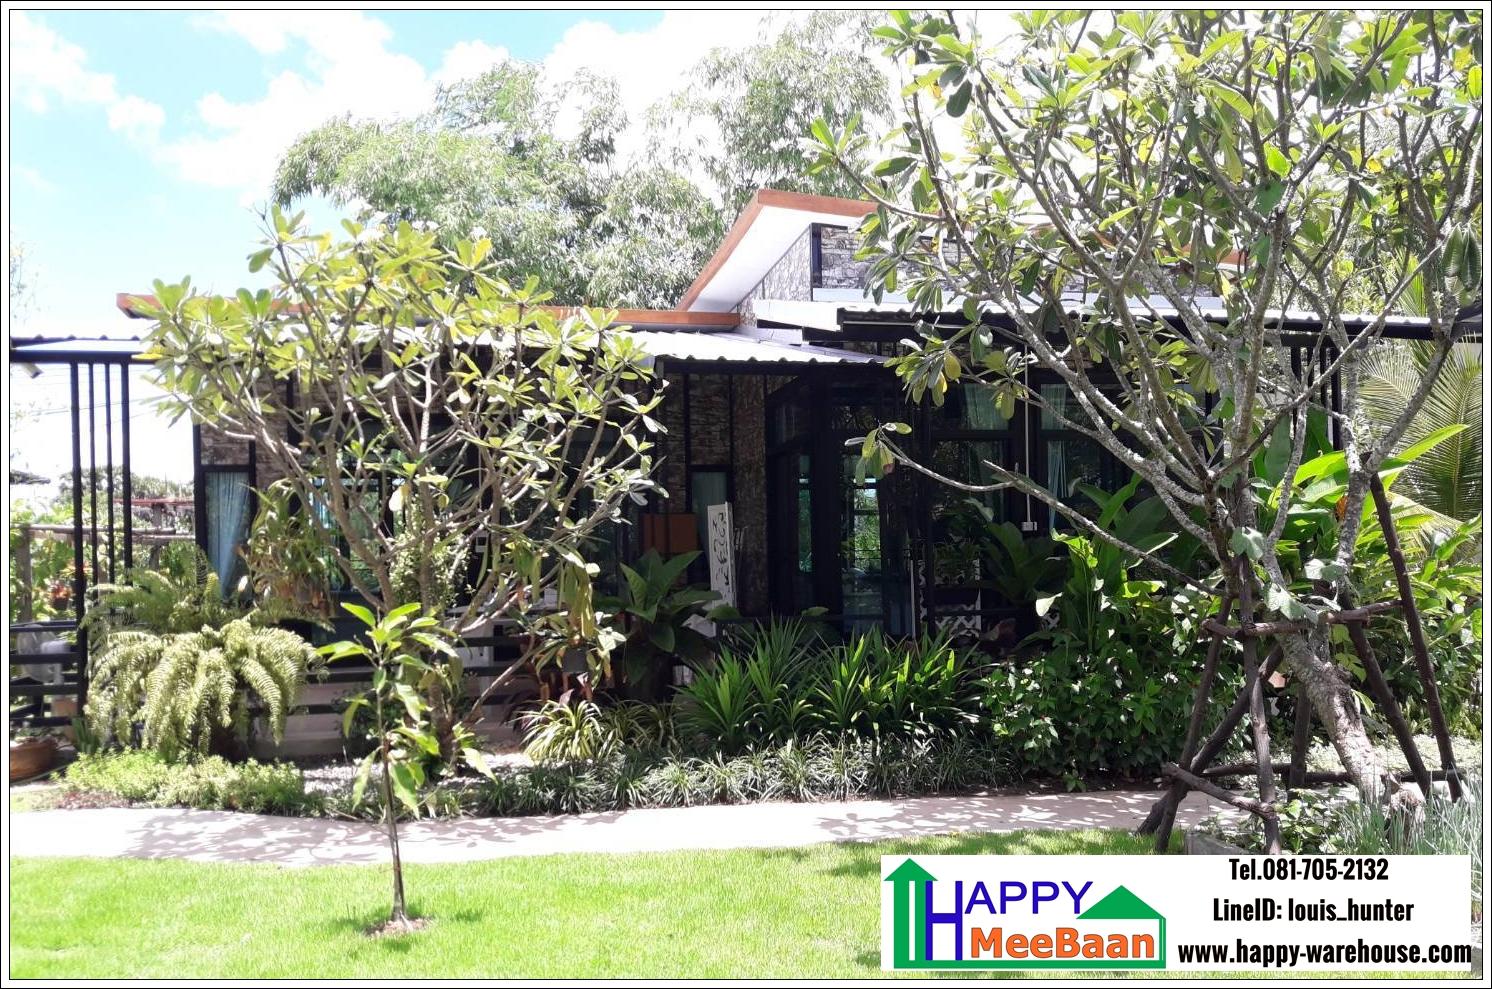 บ้านสำเร็จรูป บ้านน็อคดาวน์ ทำผสมระหว่างงานบ้านสำเร็จกับงานปูน